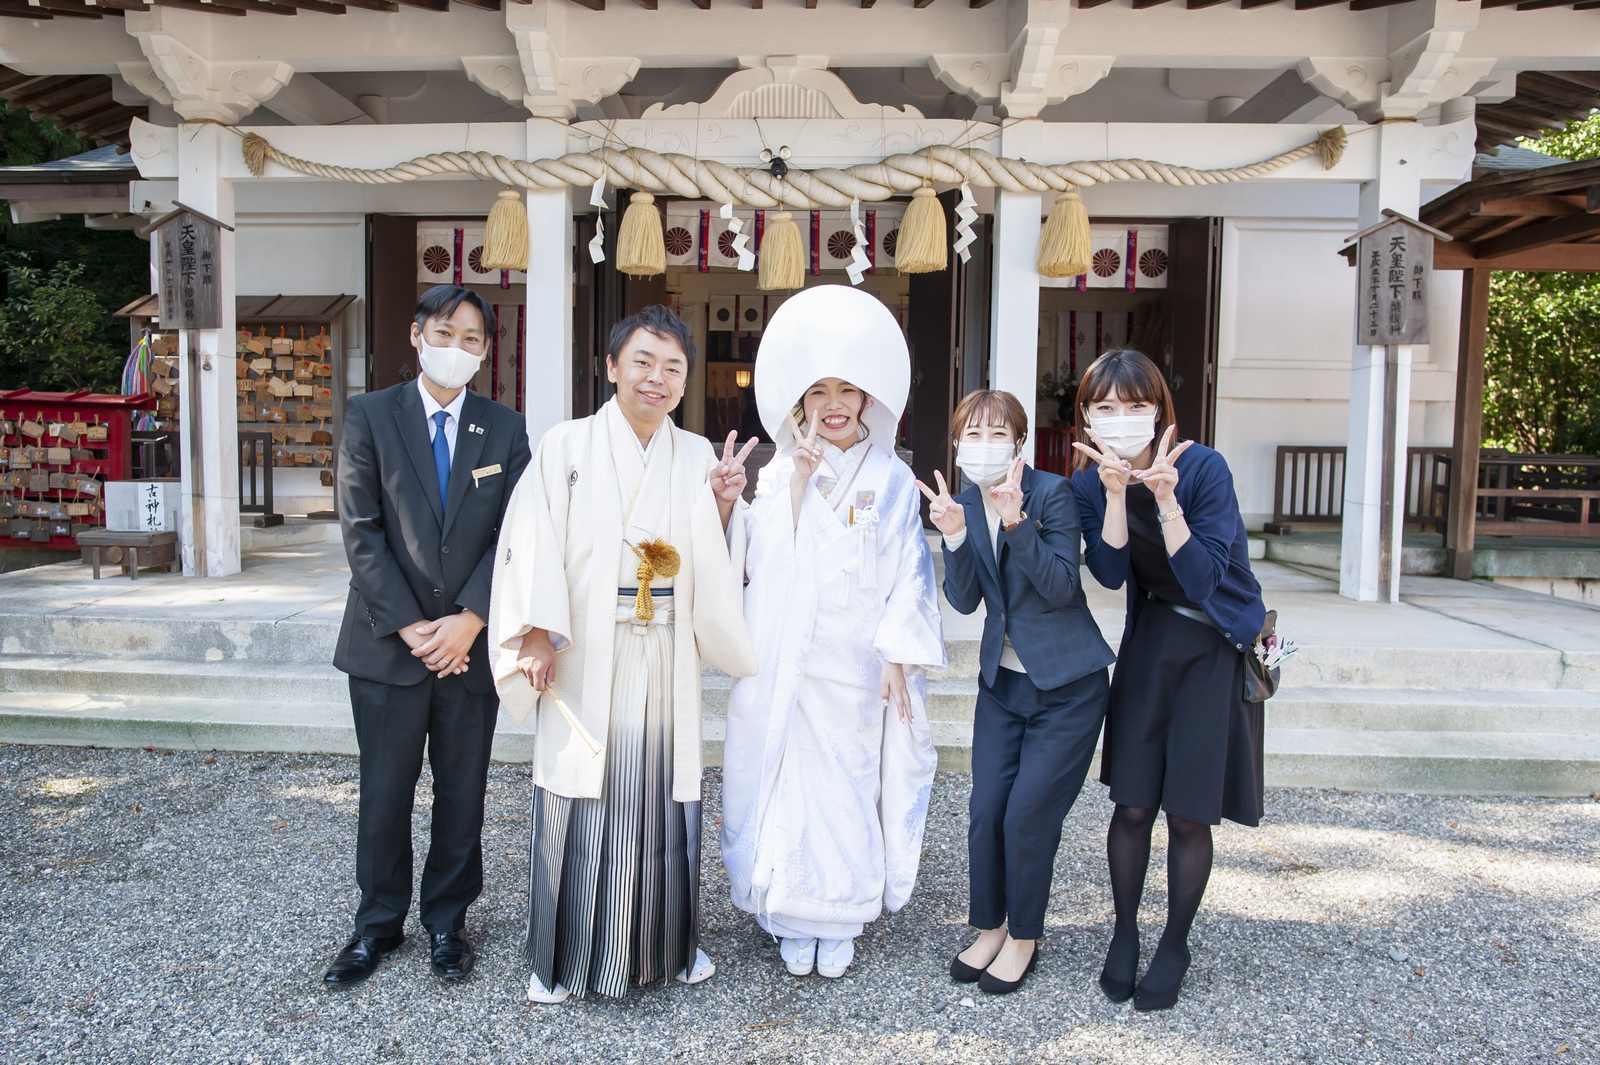 徳島市の結婚式場ブランアンジュで披露宴を行う前に挙式をした忌部神社で撮影したスタッフとの記念写真